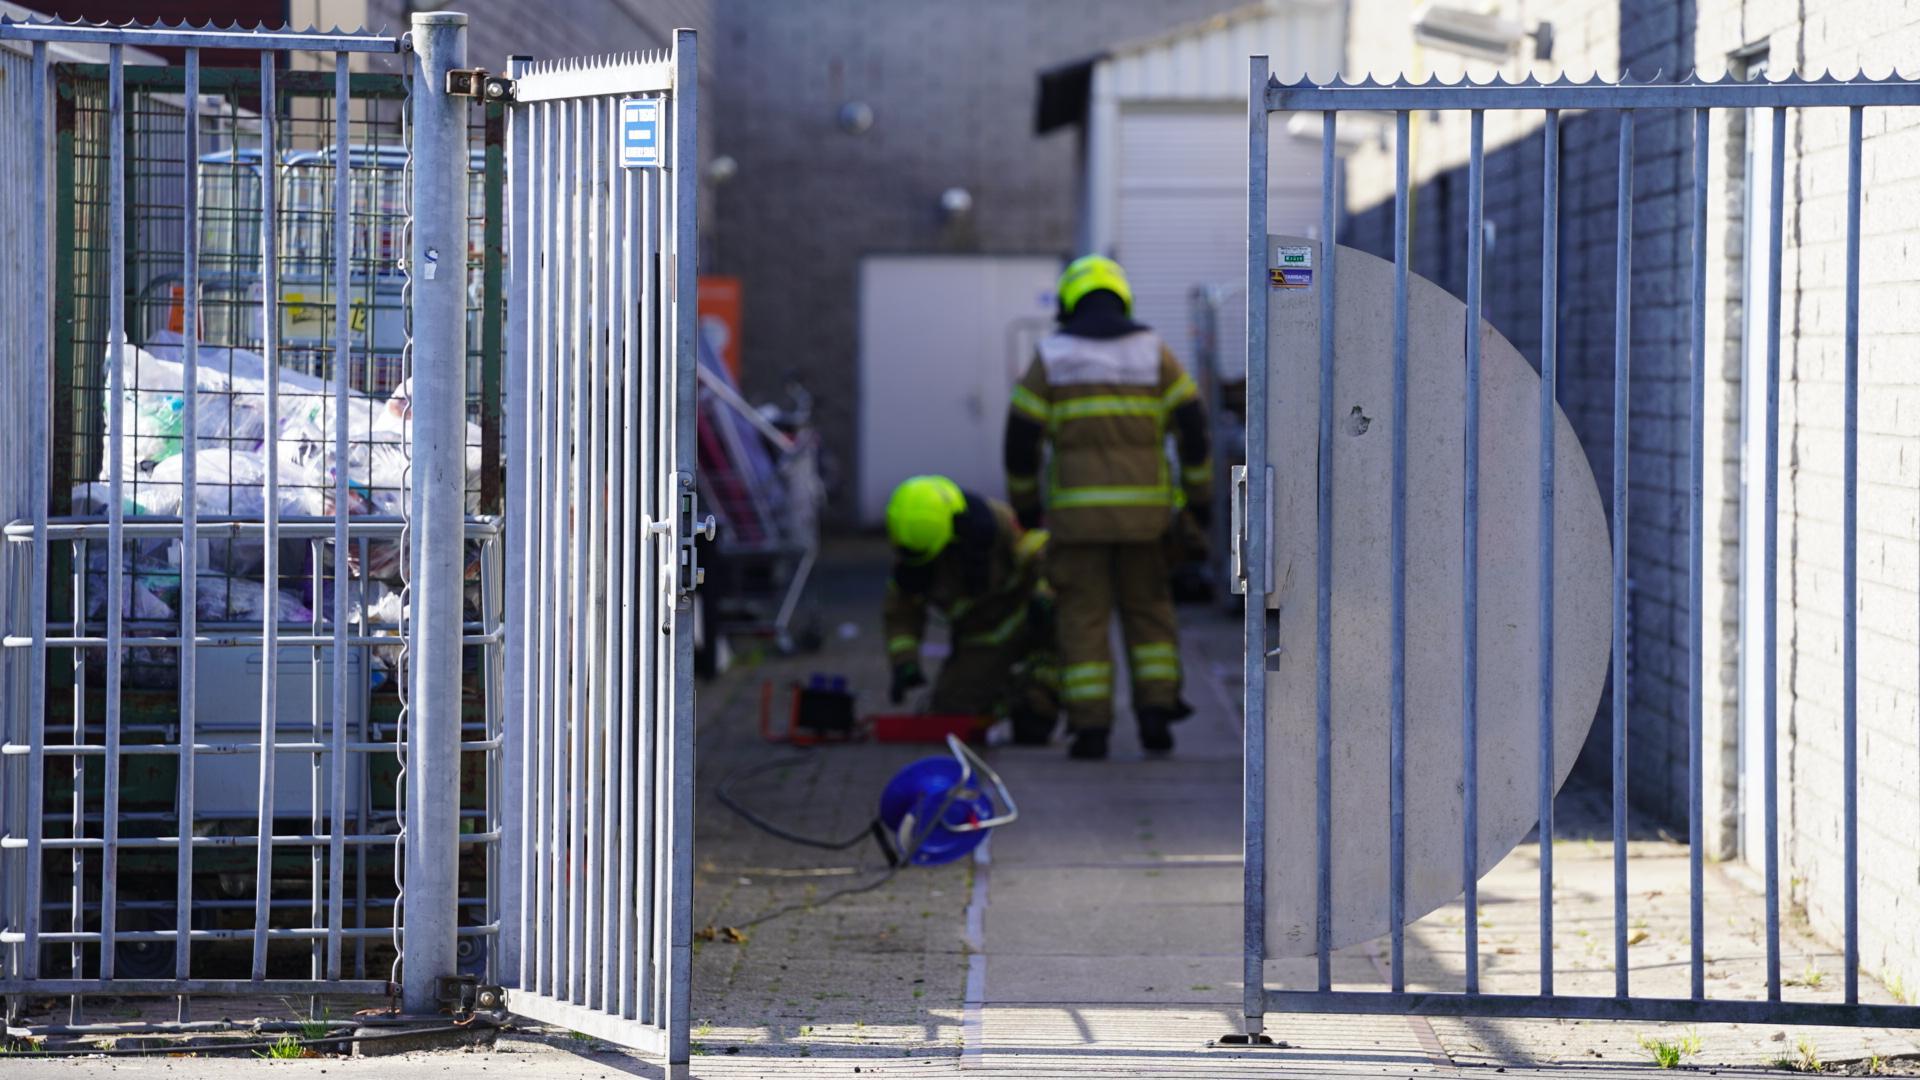 Lek gevonden in koelcel van Albert Heijn in Castricum, winkel tijdelijk ontruimd